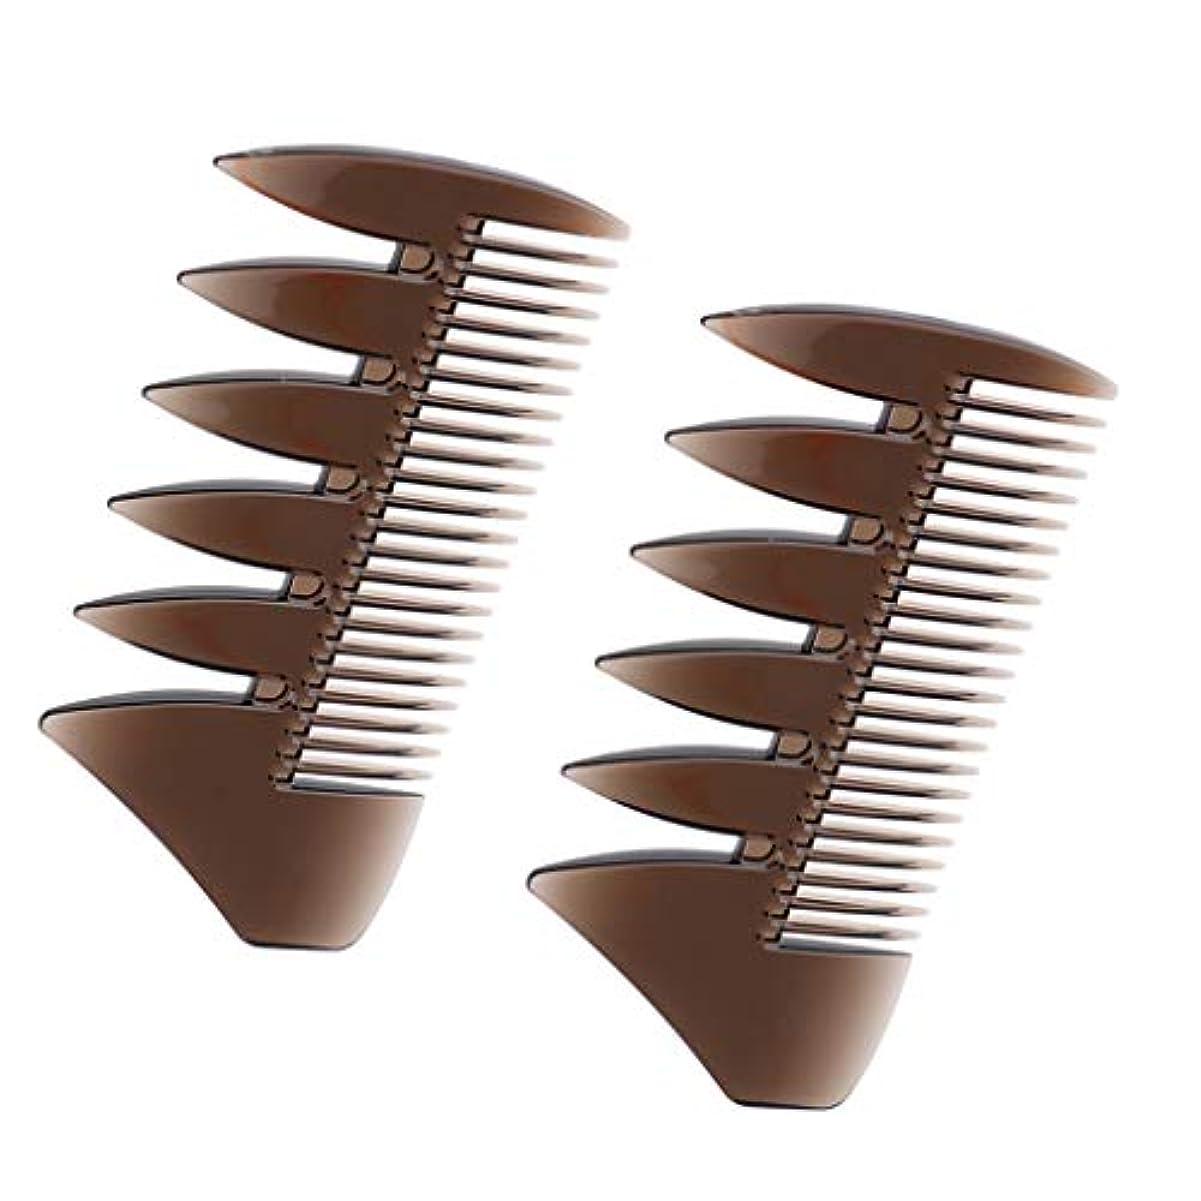 ウッズローンタバコヘアコンビ デュアルサイド メンズ 髪櫛 ヘアサロン ヘアスタイリング 散髪店/美容院専用櫛2個入